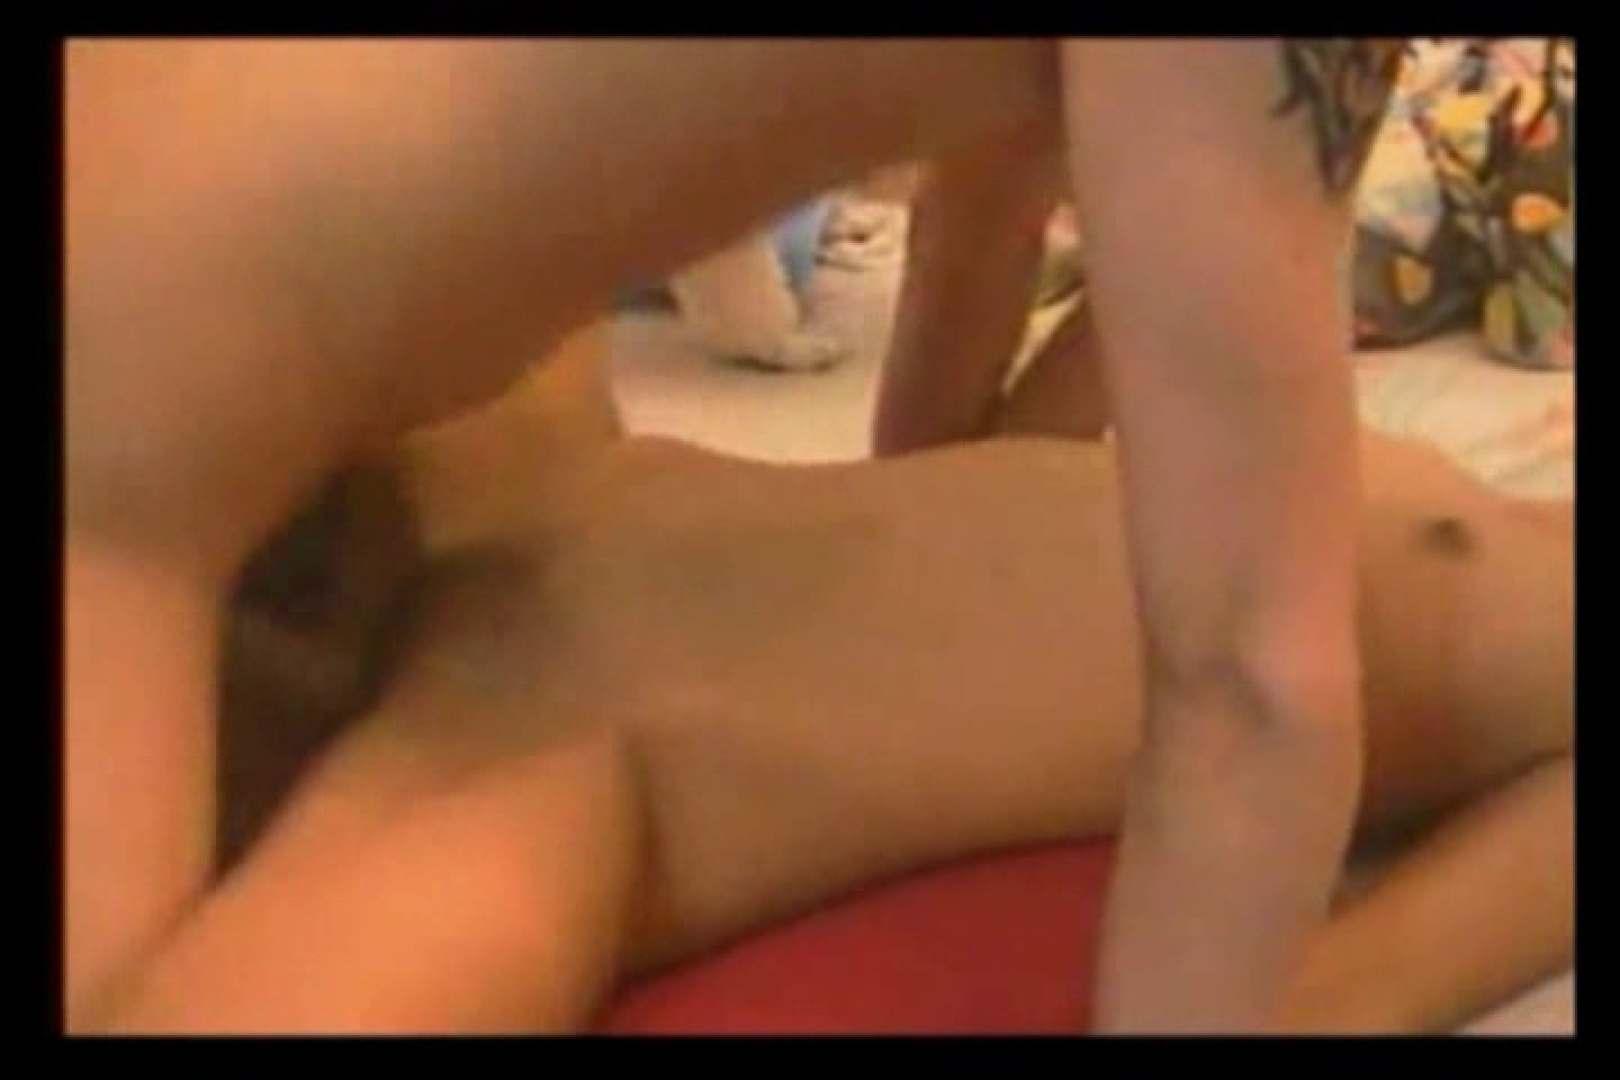 ウイルス流出 台港大学のミス・キャンパス達のハメ撮り映像流出_Leaf 流出作品  89枚 84